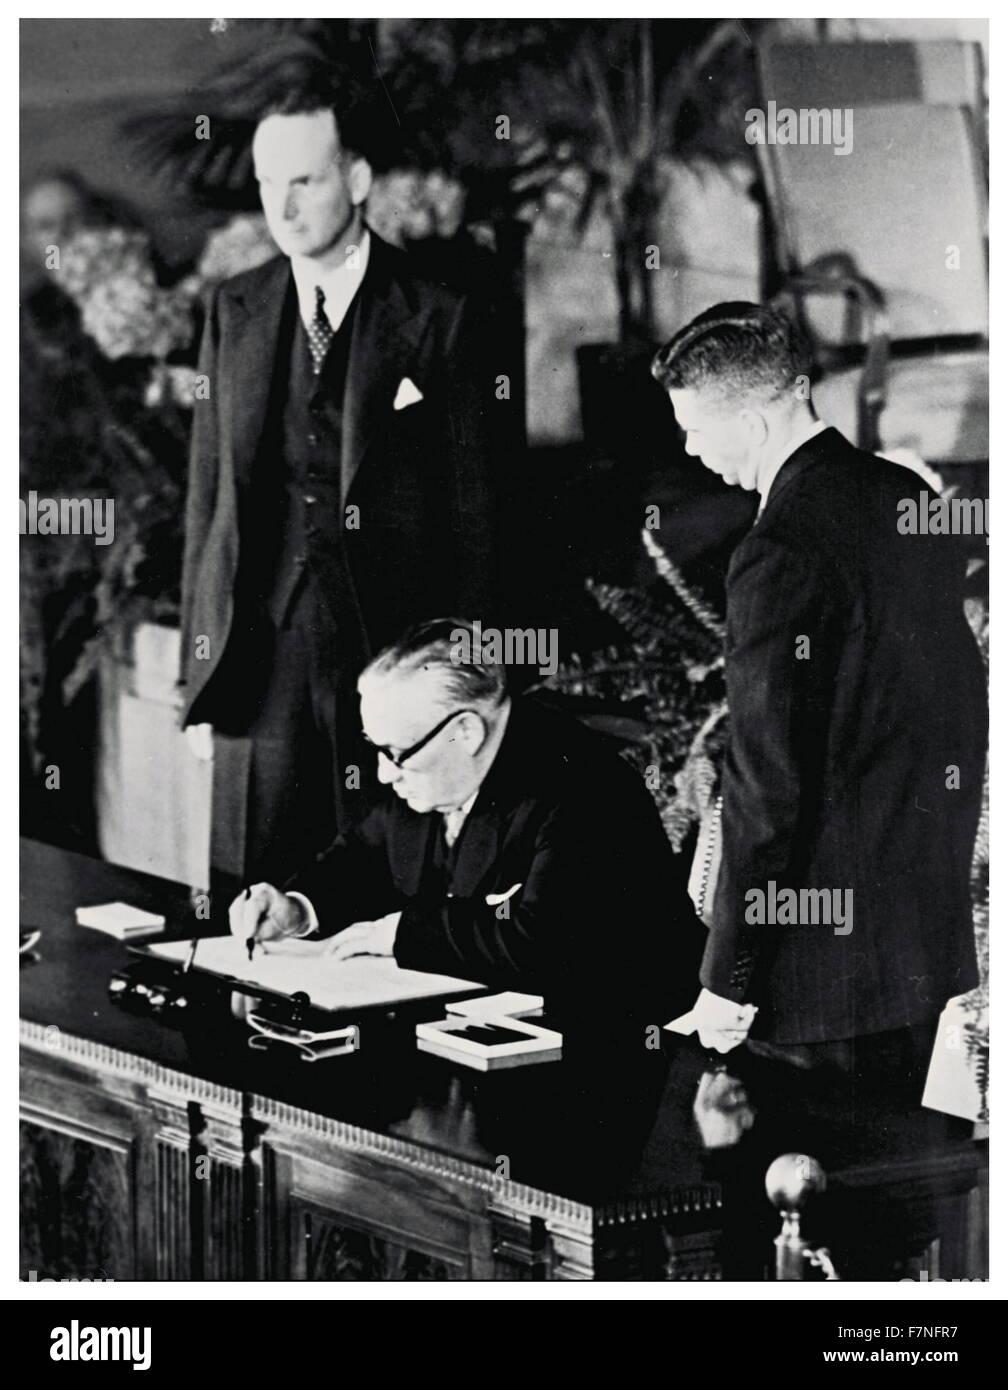 A history of the treaty of washington and the formation of north atlantic treaty organization